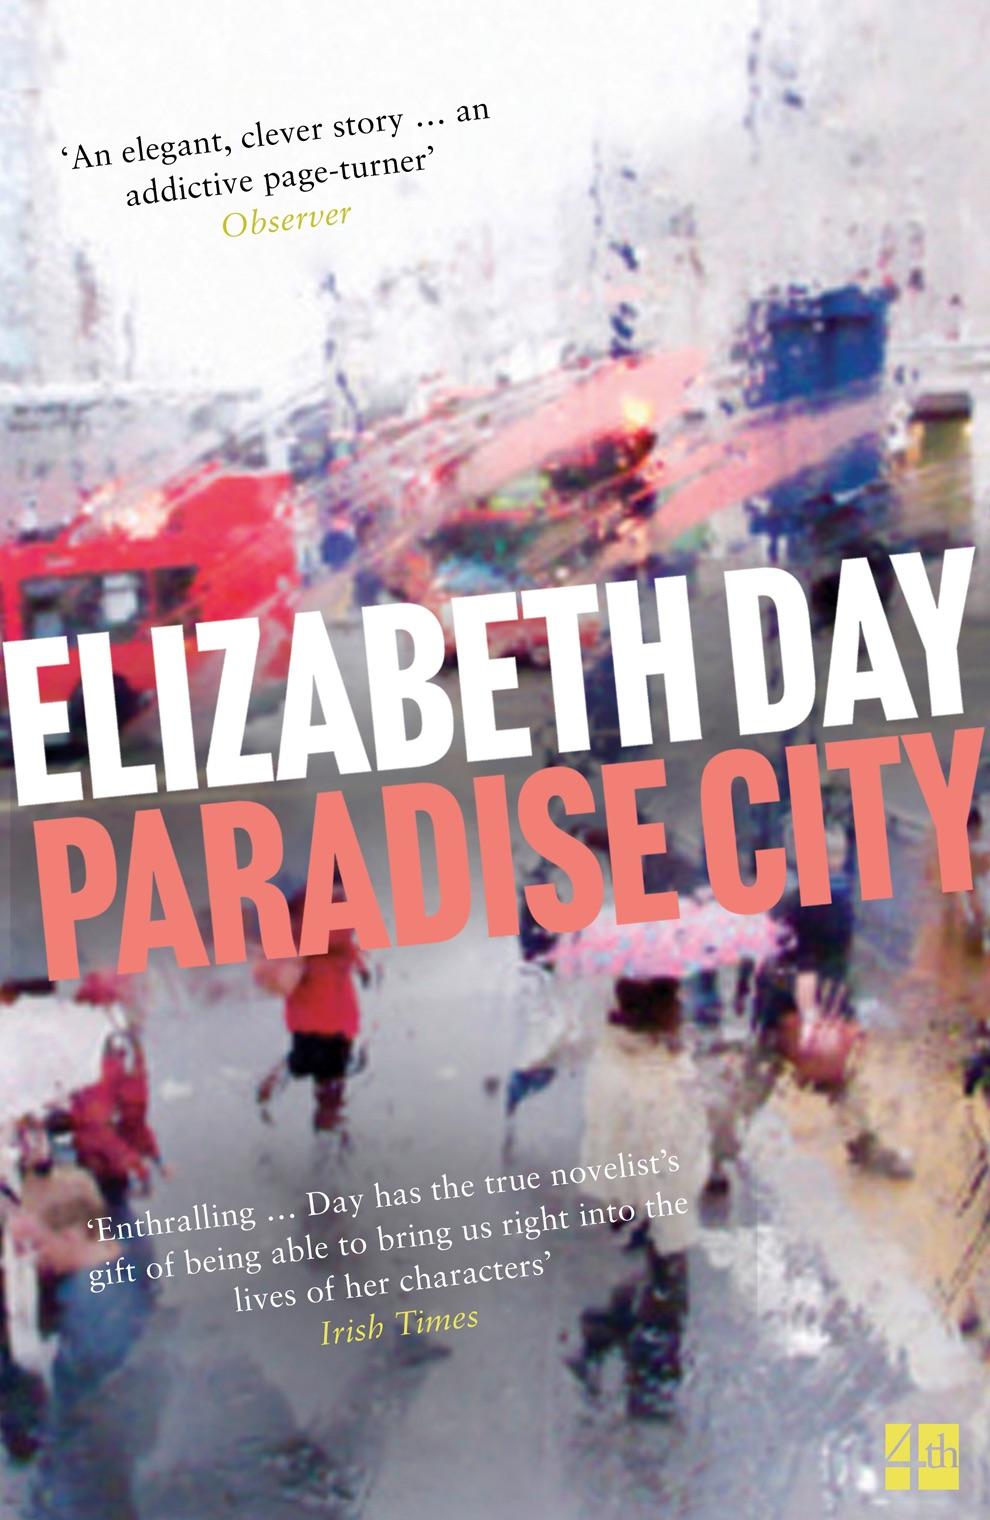 Paradise City - the award winning novel by Elizabeth Day